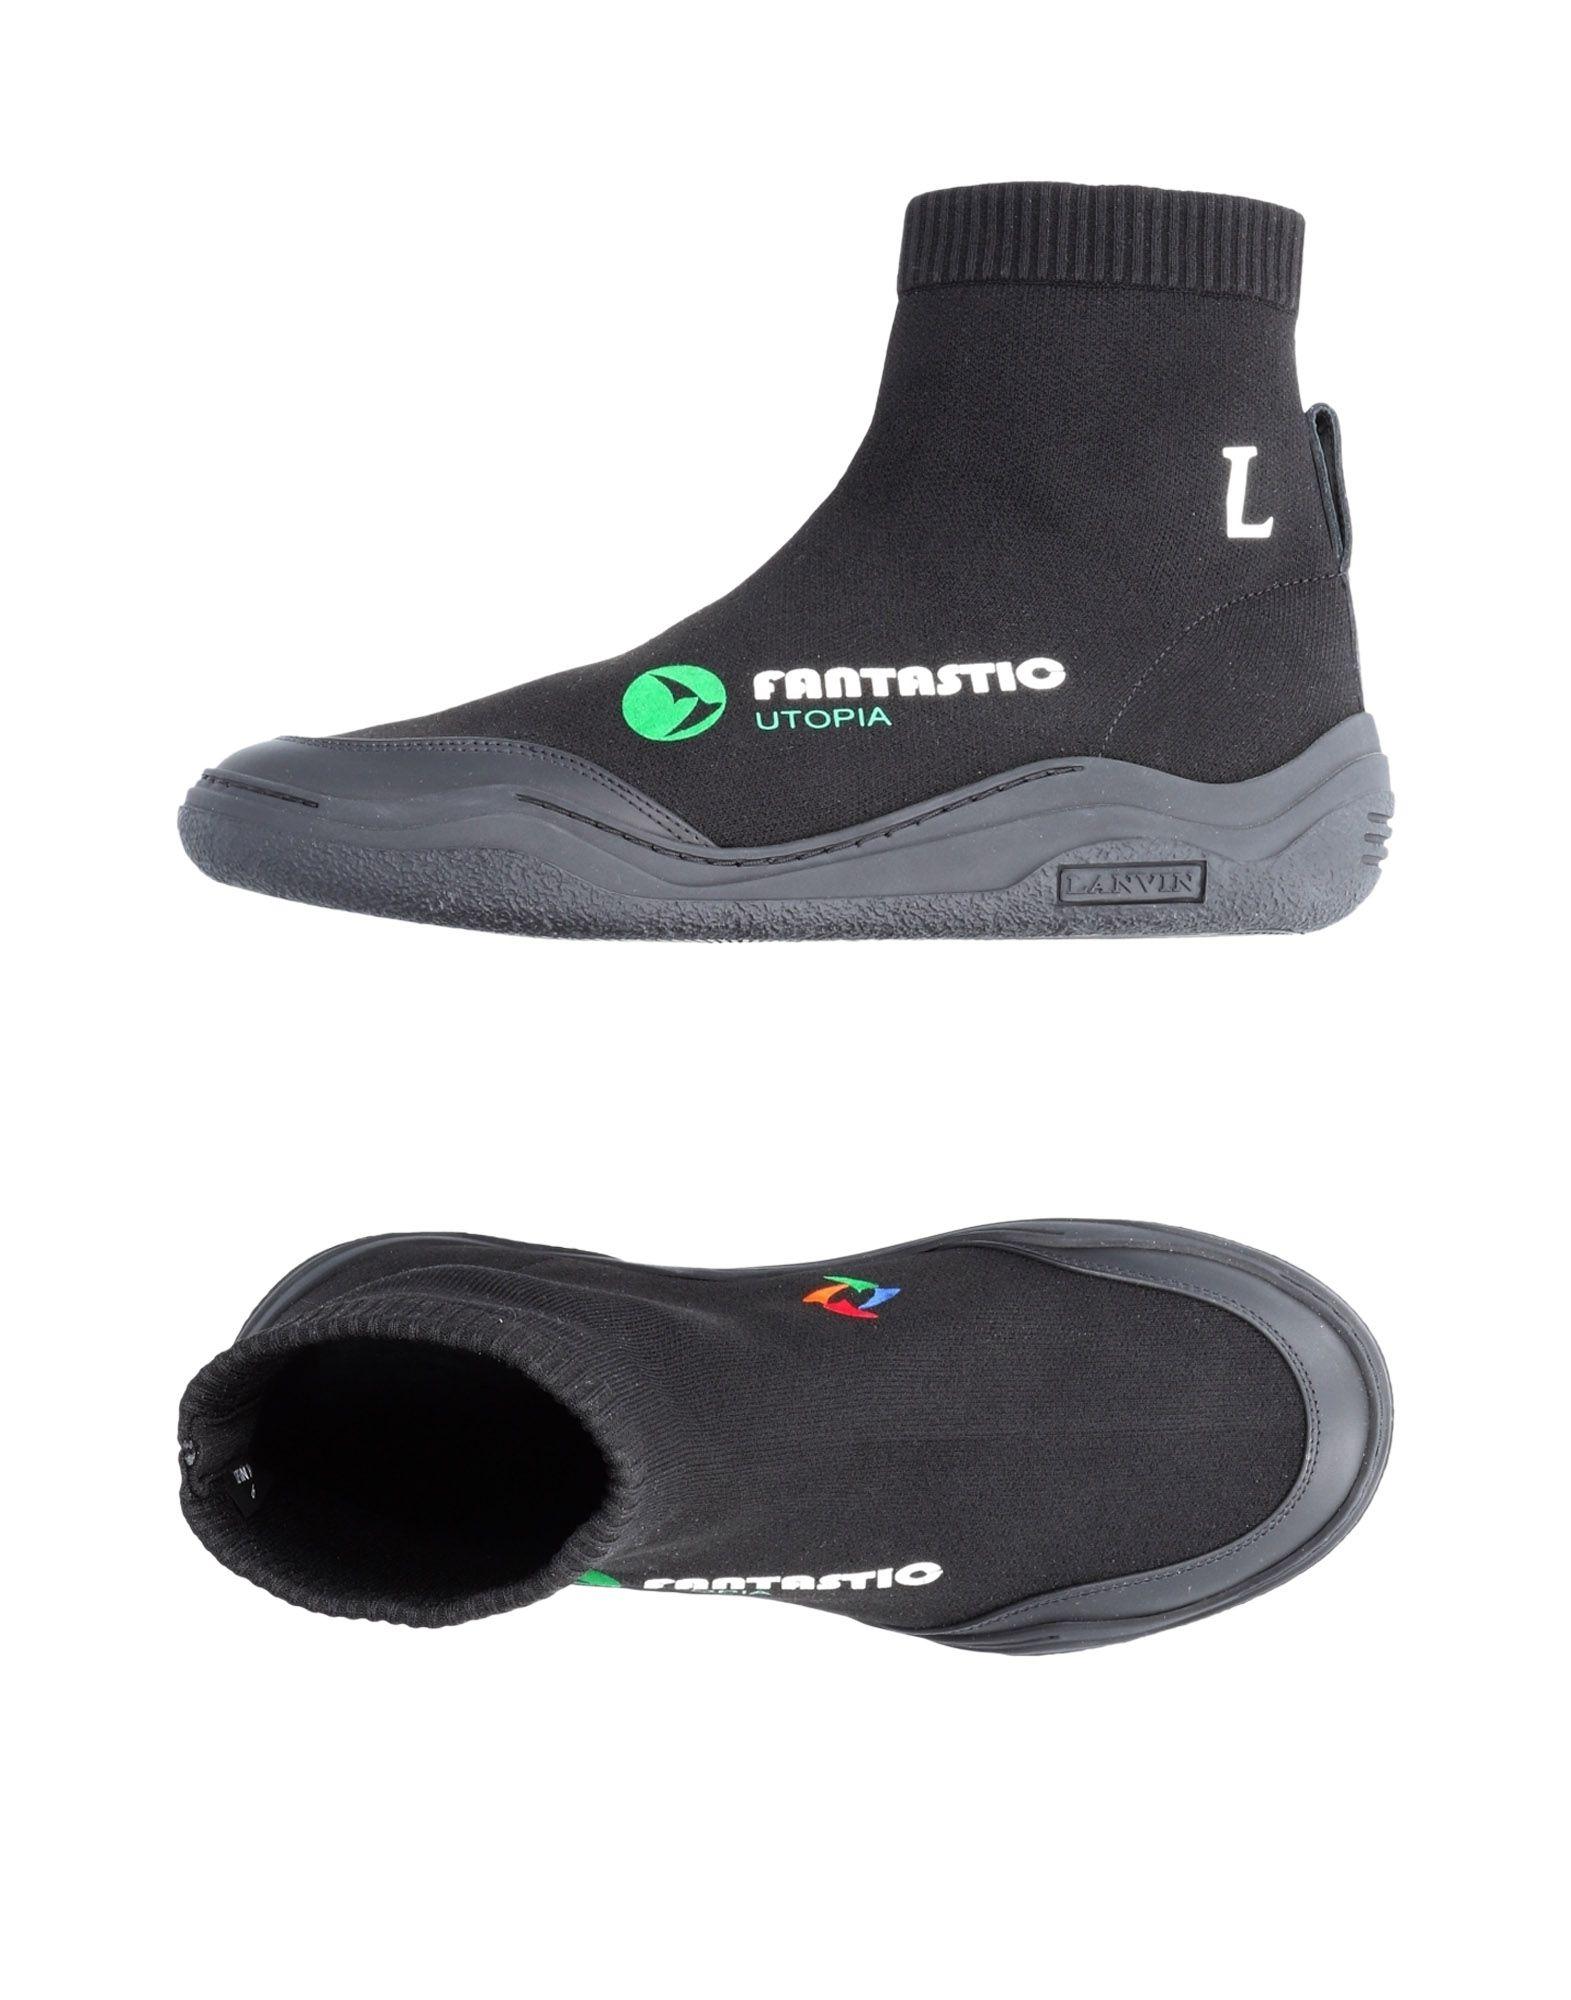 Lanvin Sneakers Herren  11463727VM Schuhe Gute Qualität beliebte Schuhe 11463727VM 9a2e45